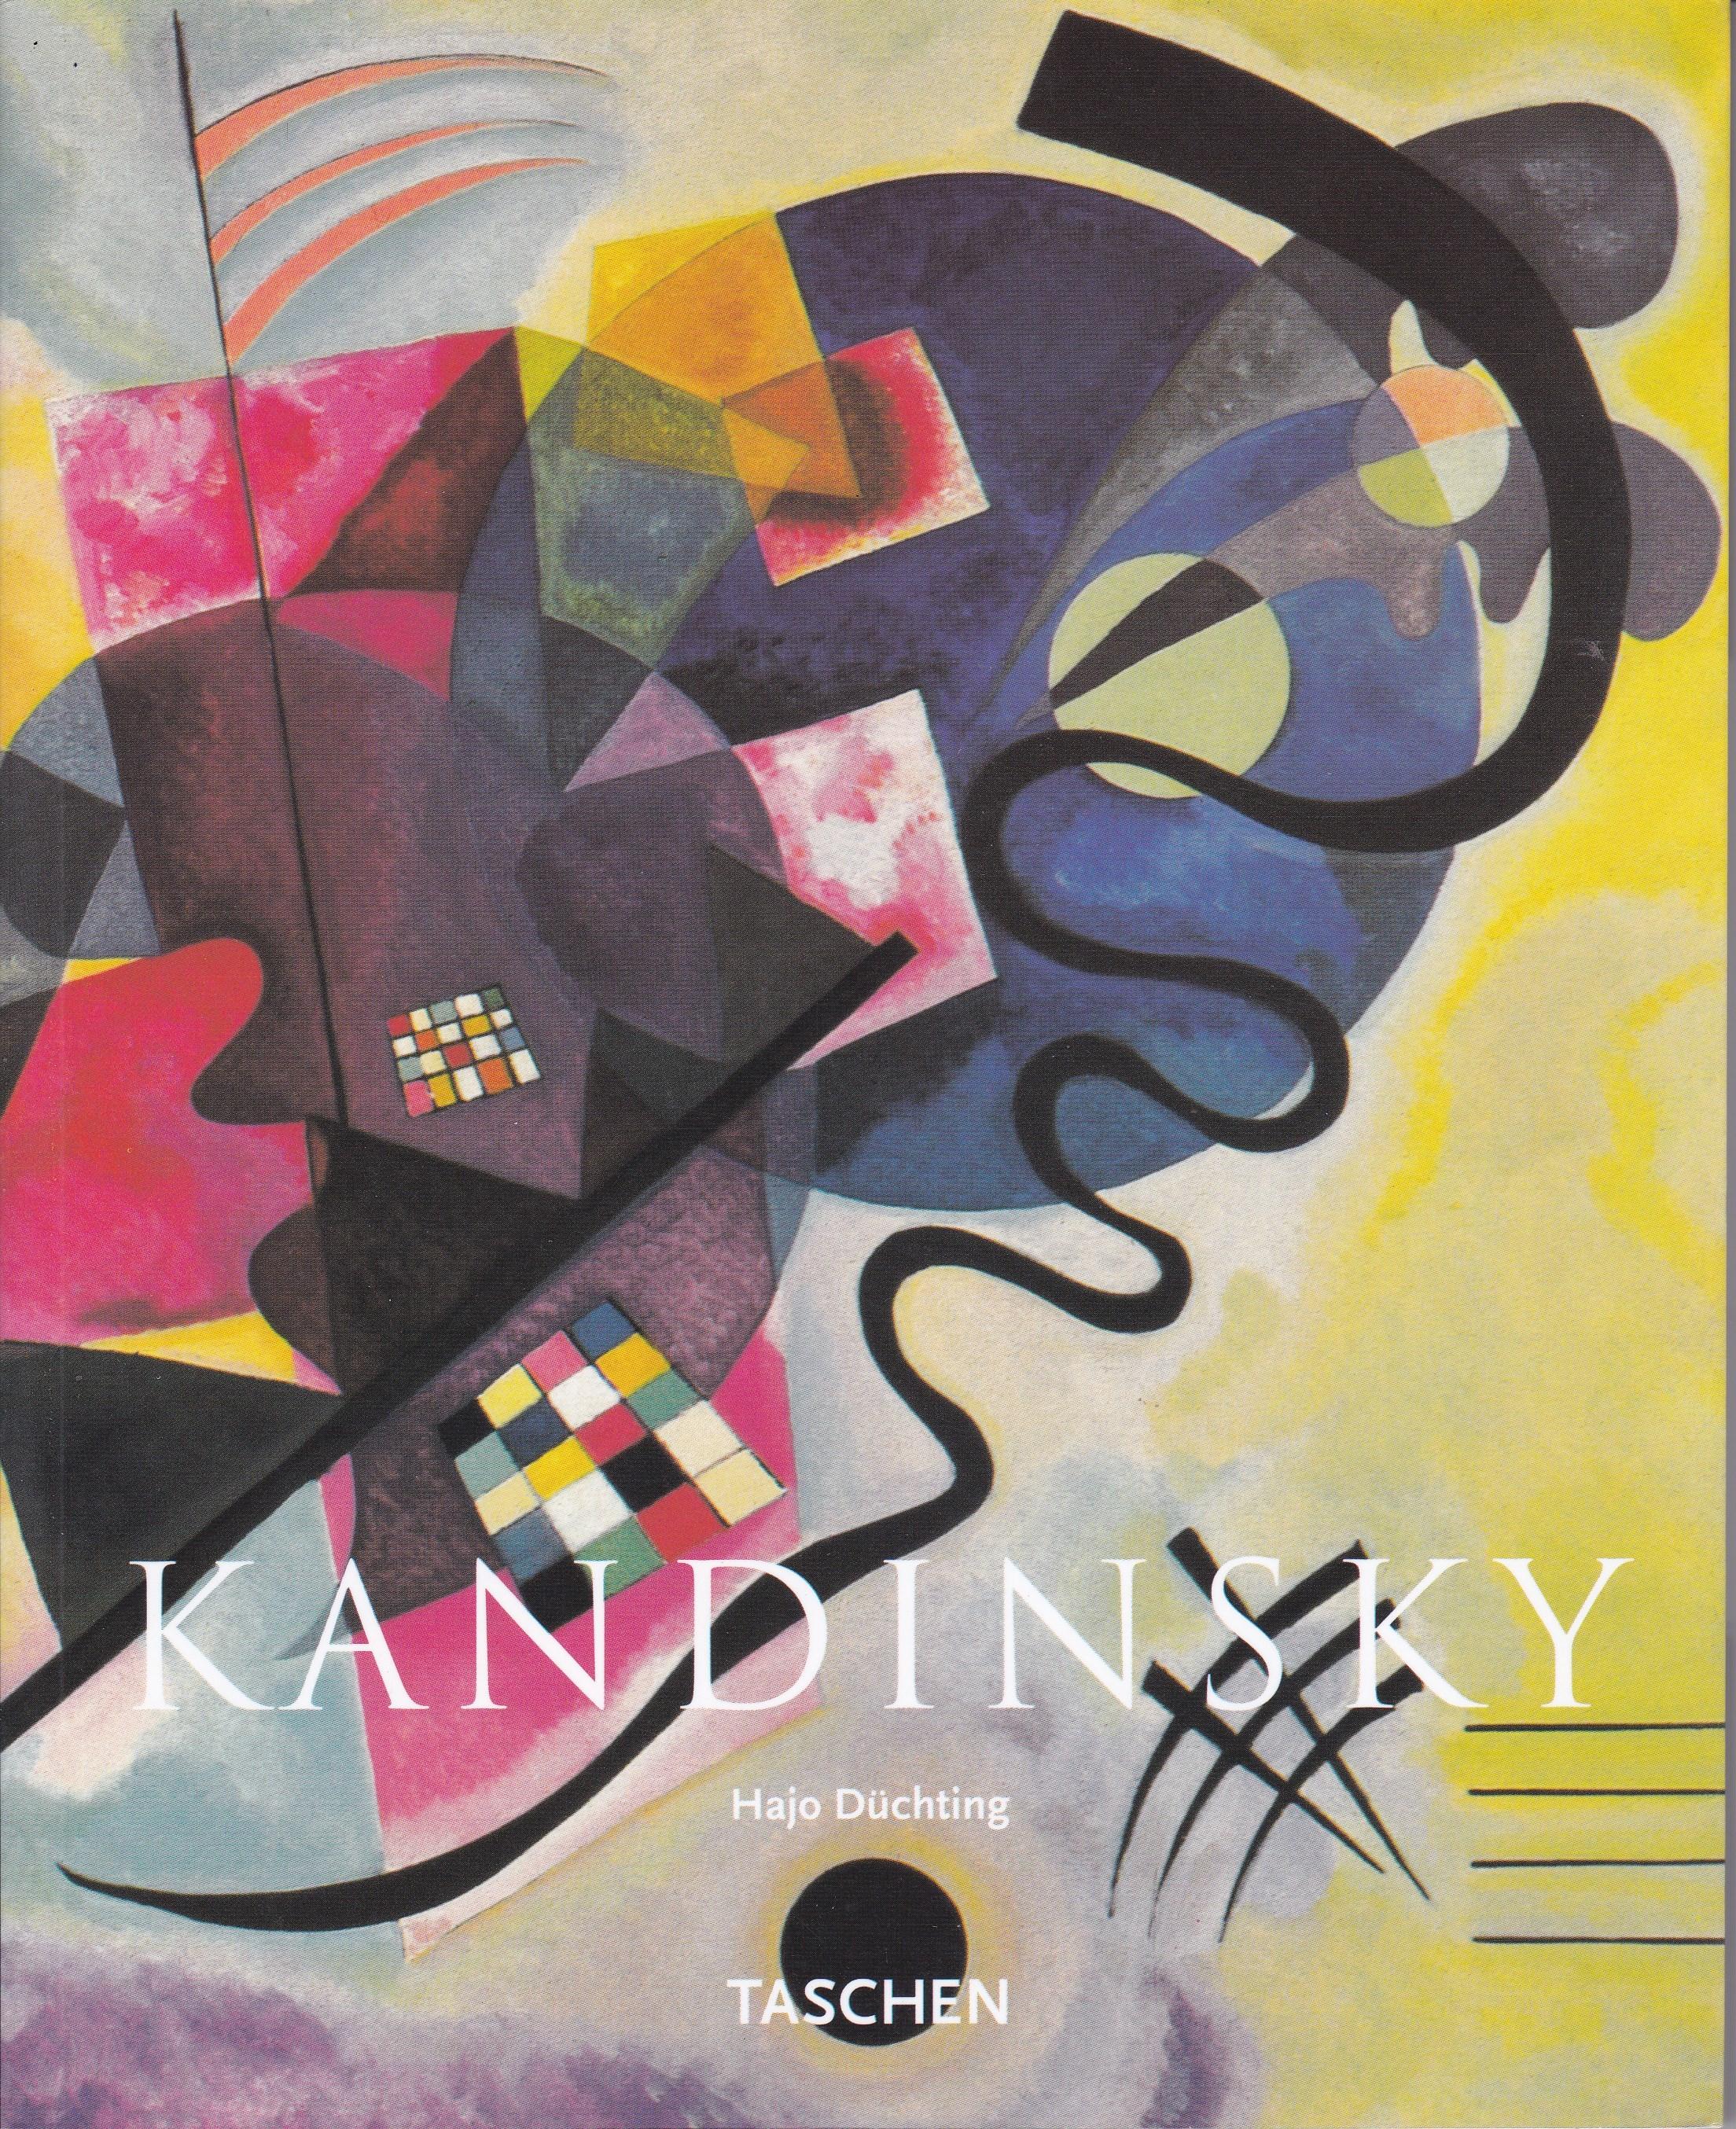 ドイツ語版 TASCHEN「KANDINSKY」 Hajo Duchting